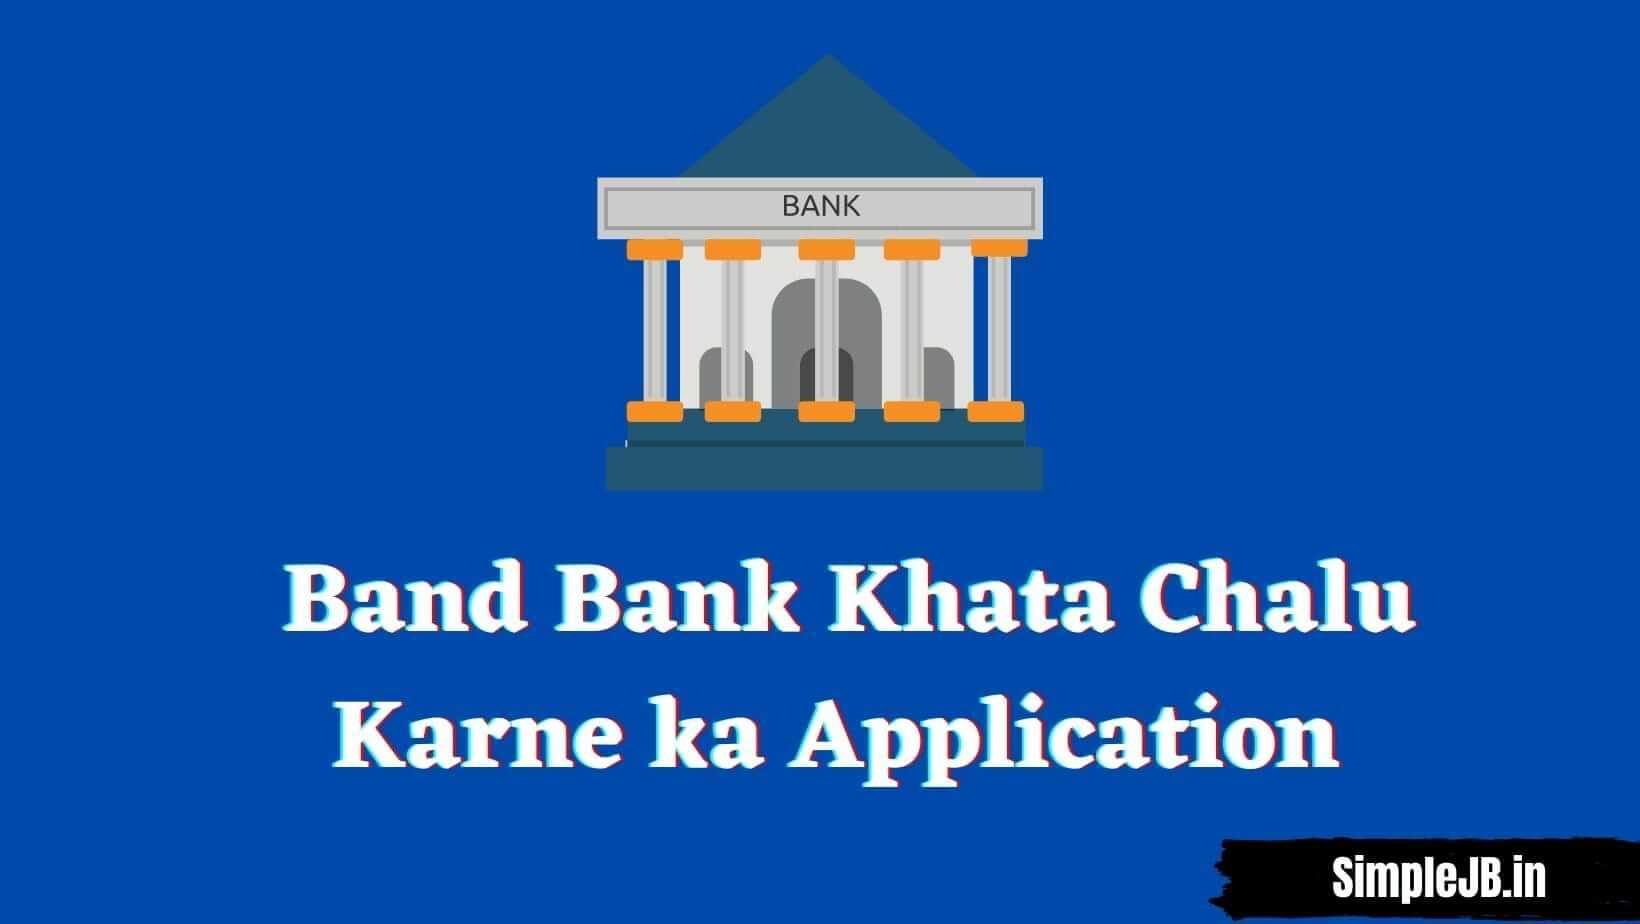 Band Bank Khata Chalu Karne ka Application